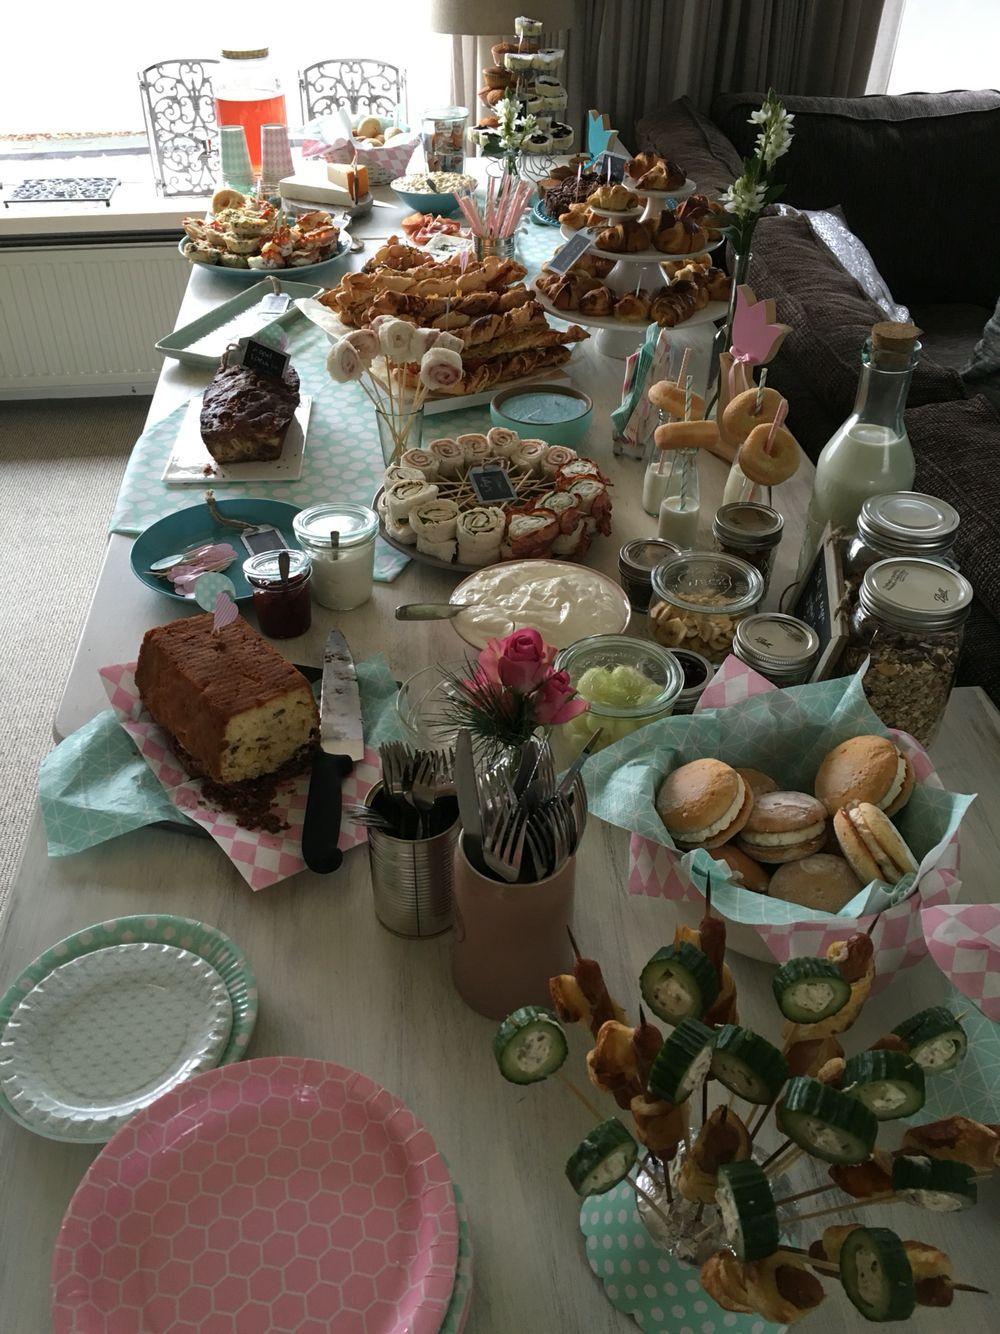 Lunch/brunch/breakfast table